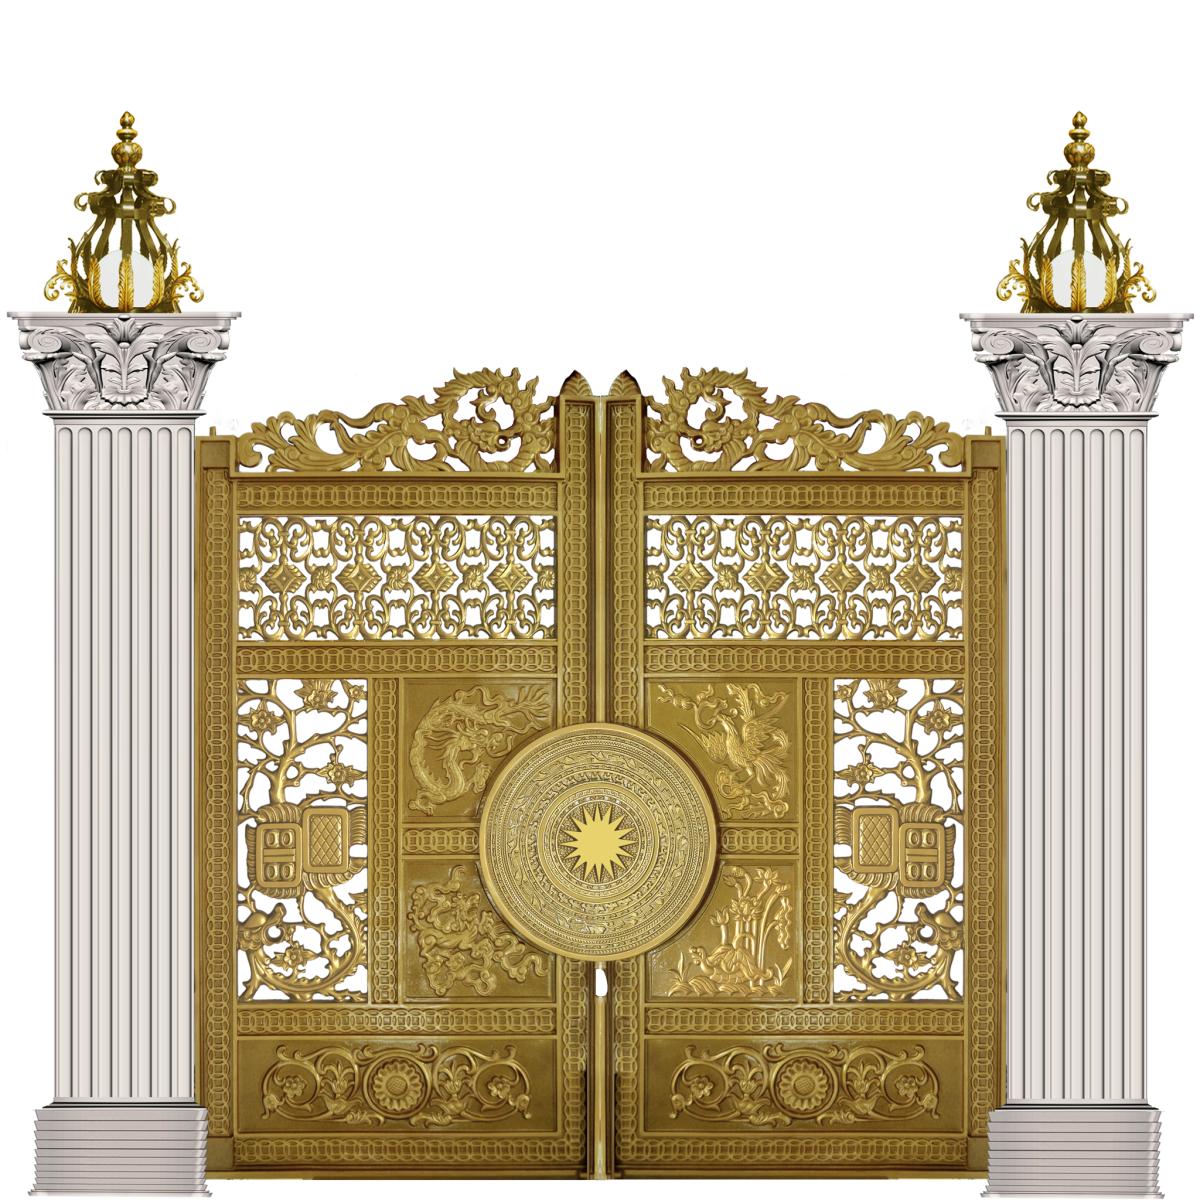 cổng nhôm hợp kim  Cam Ranh, lắp cổng nhôm đúc Fuco Ninh Hòa, lắp cổng nhôm đúc Fuco, lắp cổng nhôm đúc Fuco Kiên Giang